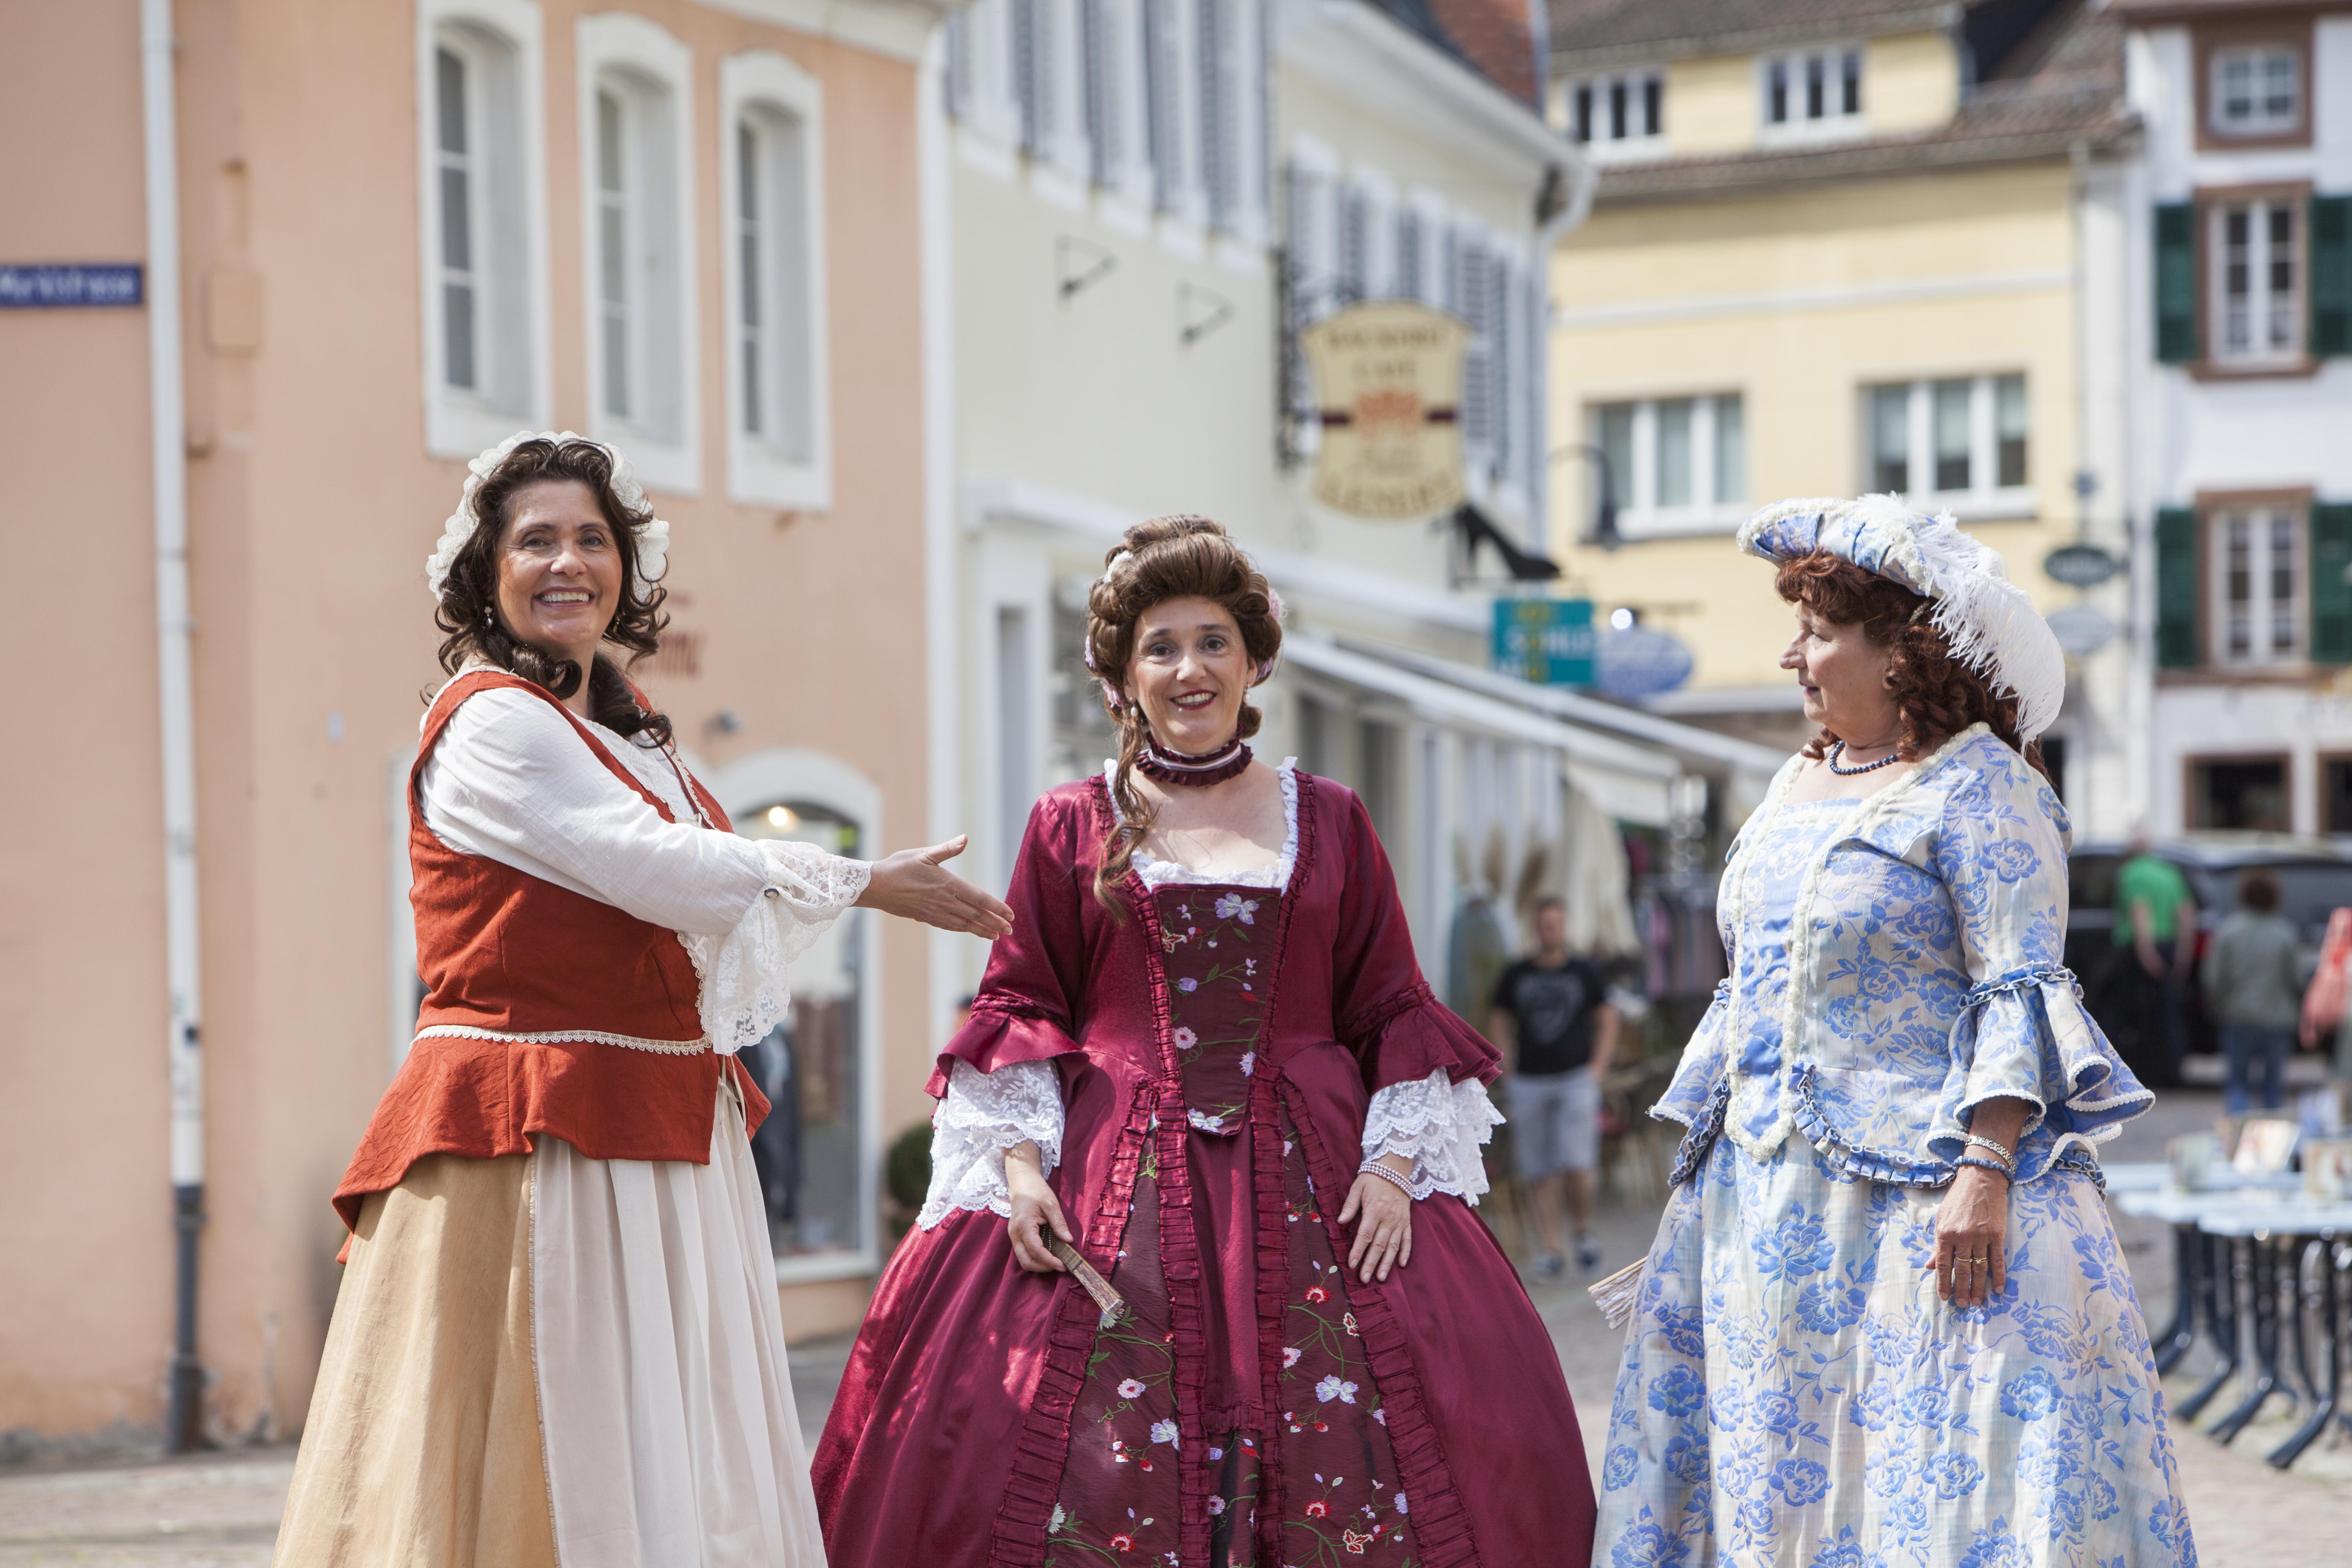 Barockführung Blieskastel, Gästeführer in Kostüm